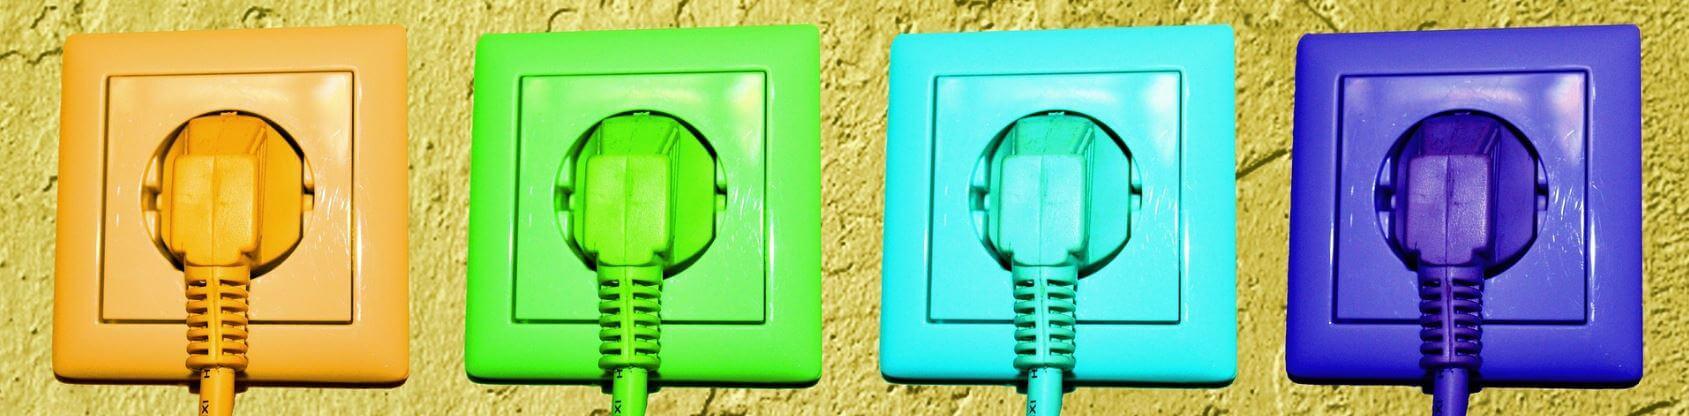 computerkauf-energieverbrauch-1